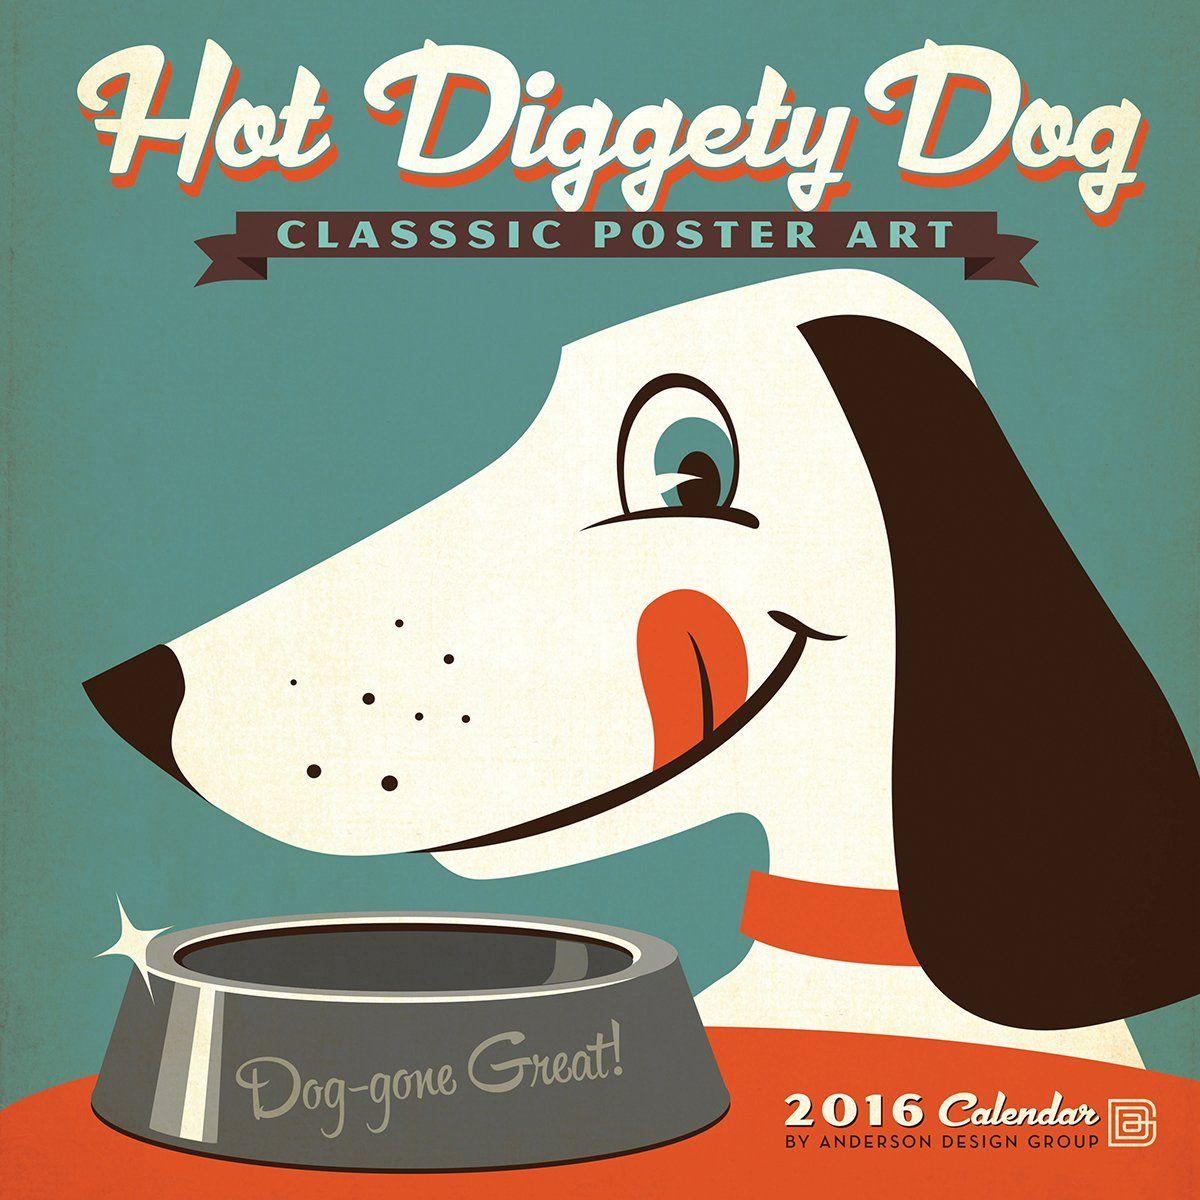 Hot Diggety Dog 2016 Wall Calendar Anderson Design Group 9781554569175 Amazon Com Books Wall Calendar Art Modern Calendar